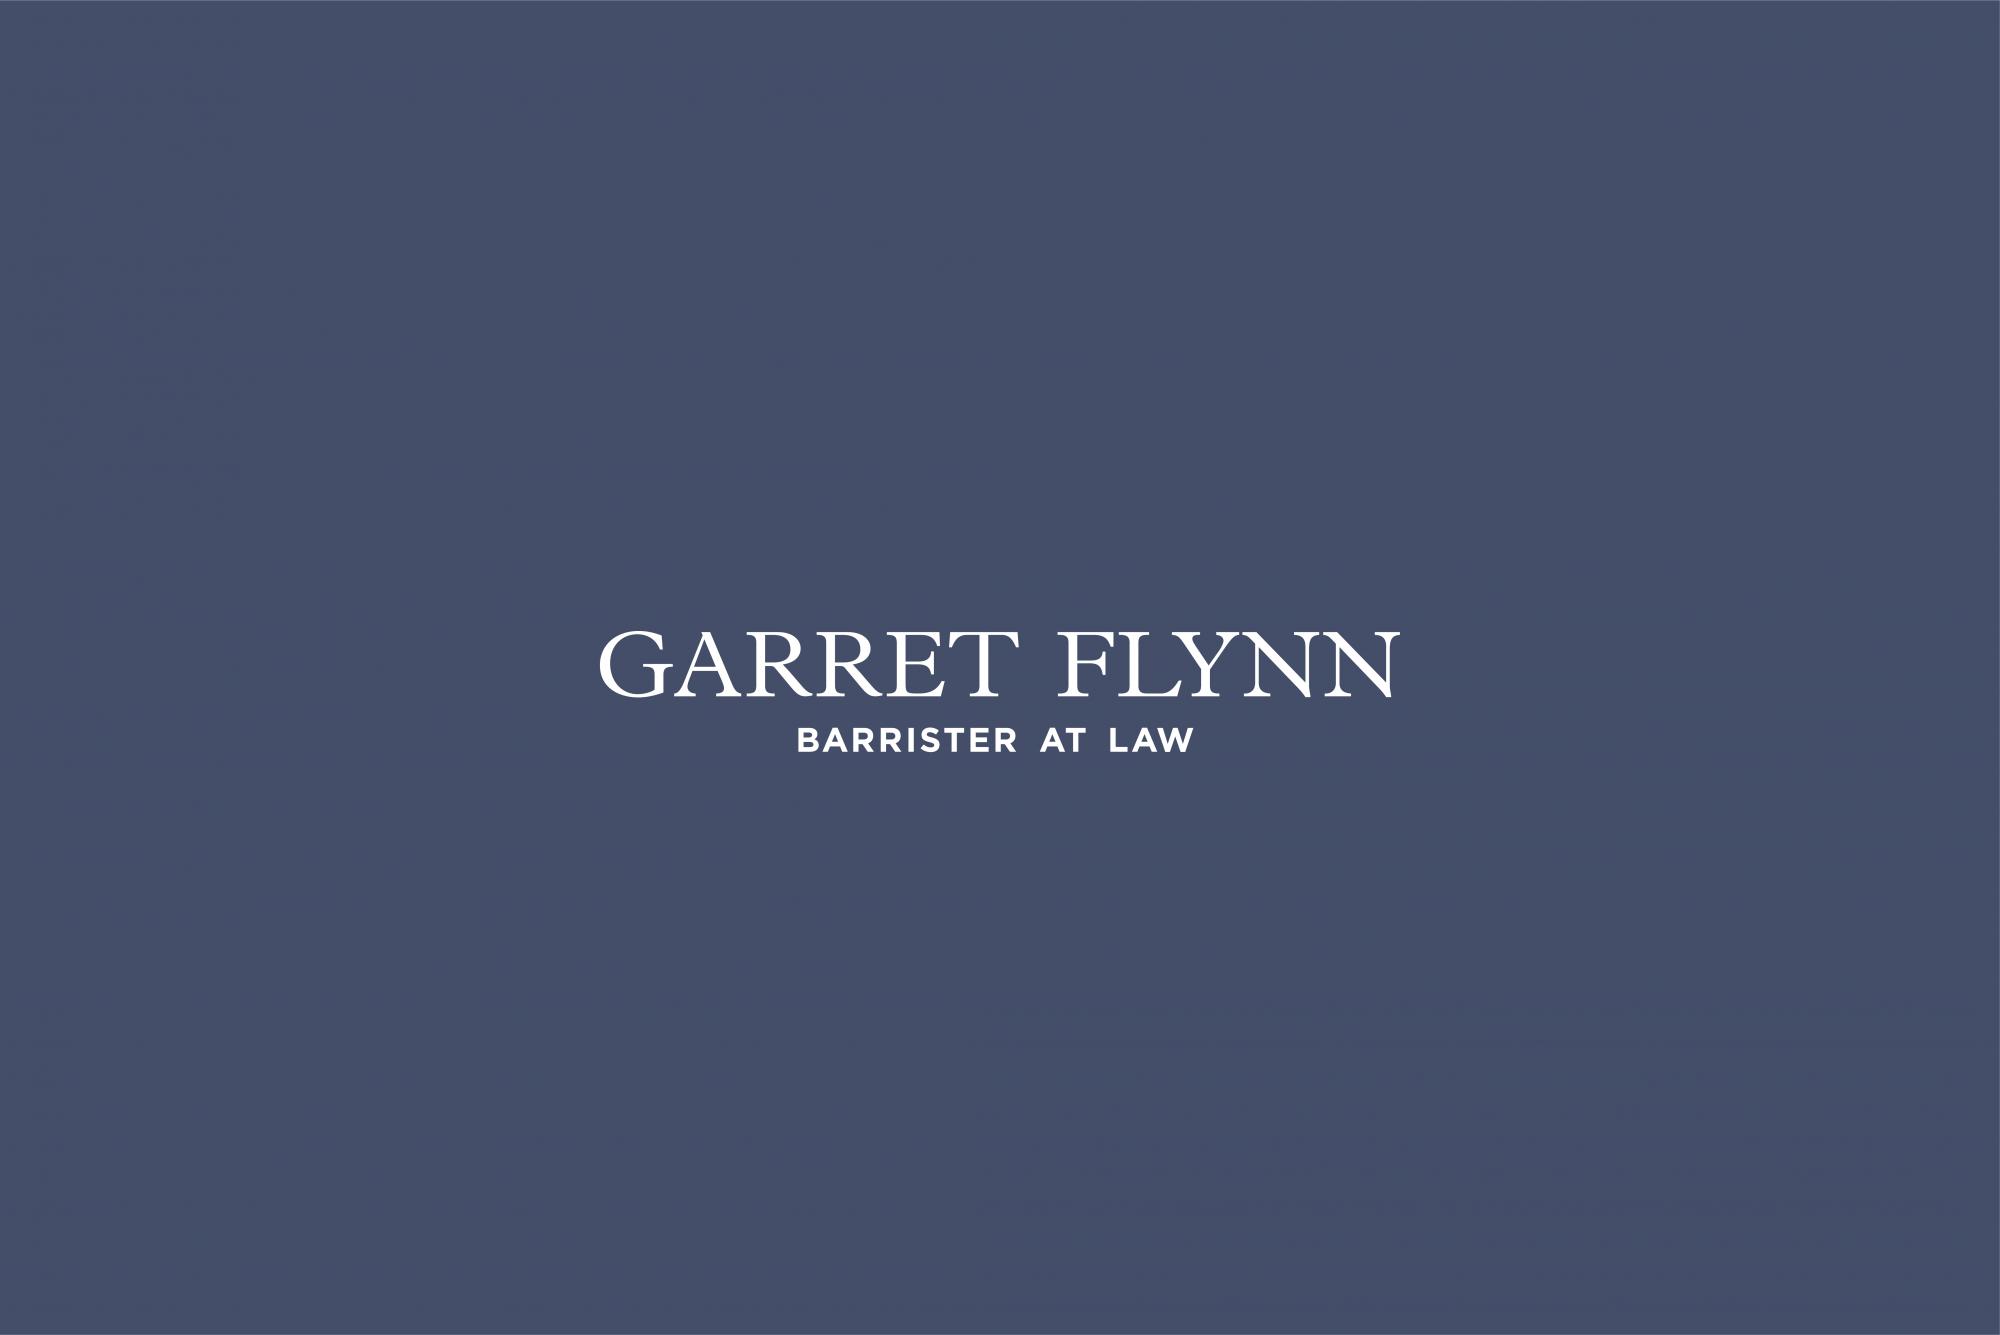 Cover image: Garret Flynn